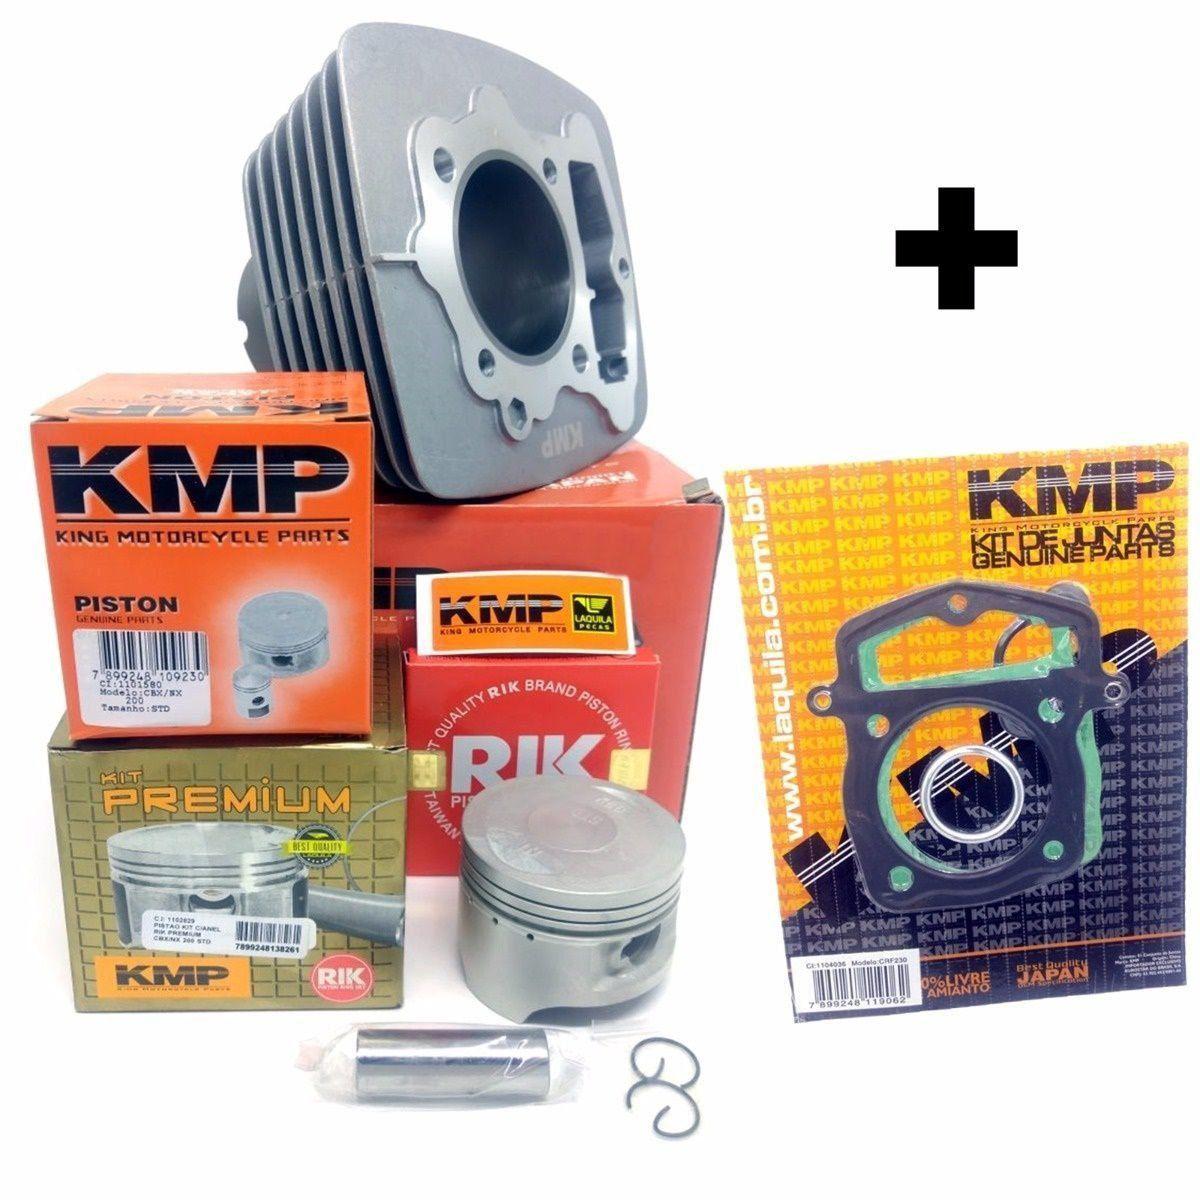 Kit Completo Cilindro Pistão Junta Kmp Premium Anel Rik Cbx 200 Strada Xr 200 Nx 200